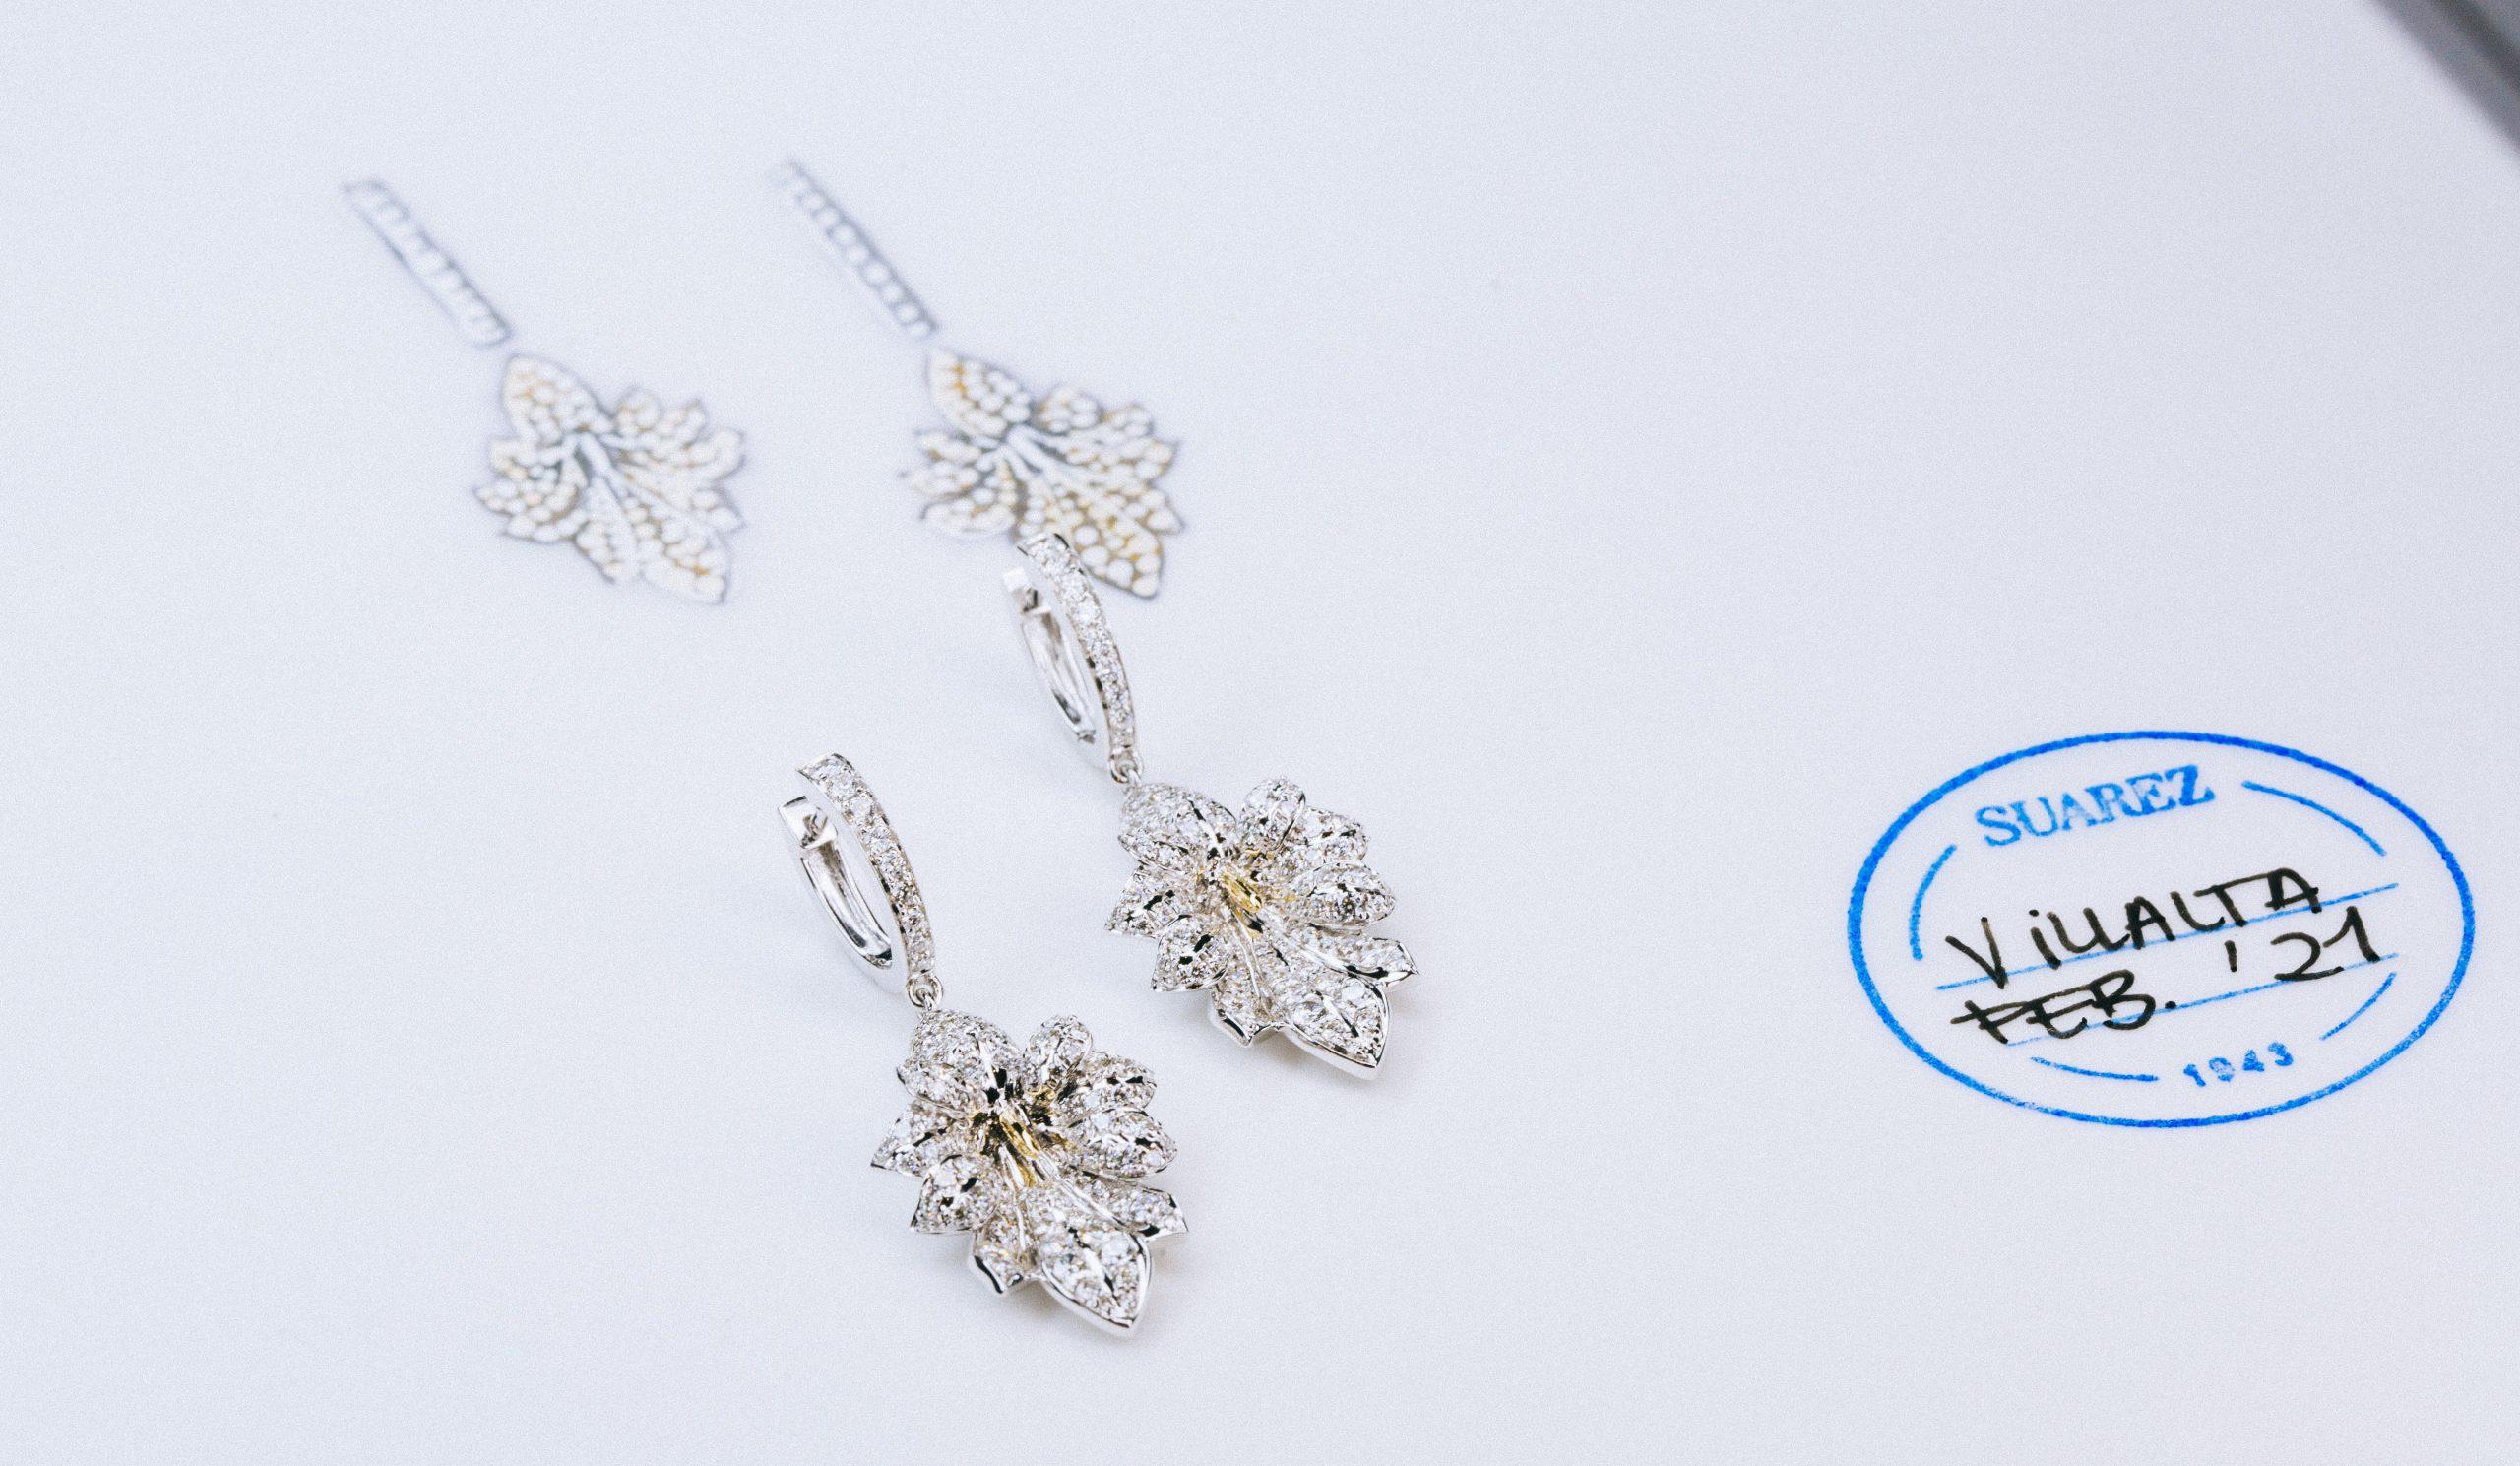 Una de las joyas diseñadas por Guillermo Pérez Villalta y Suarez / Foto: Suarez